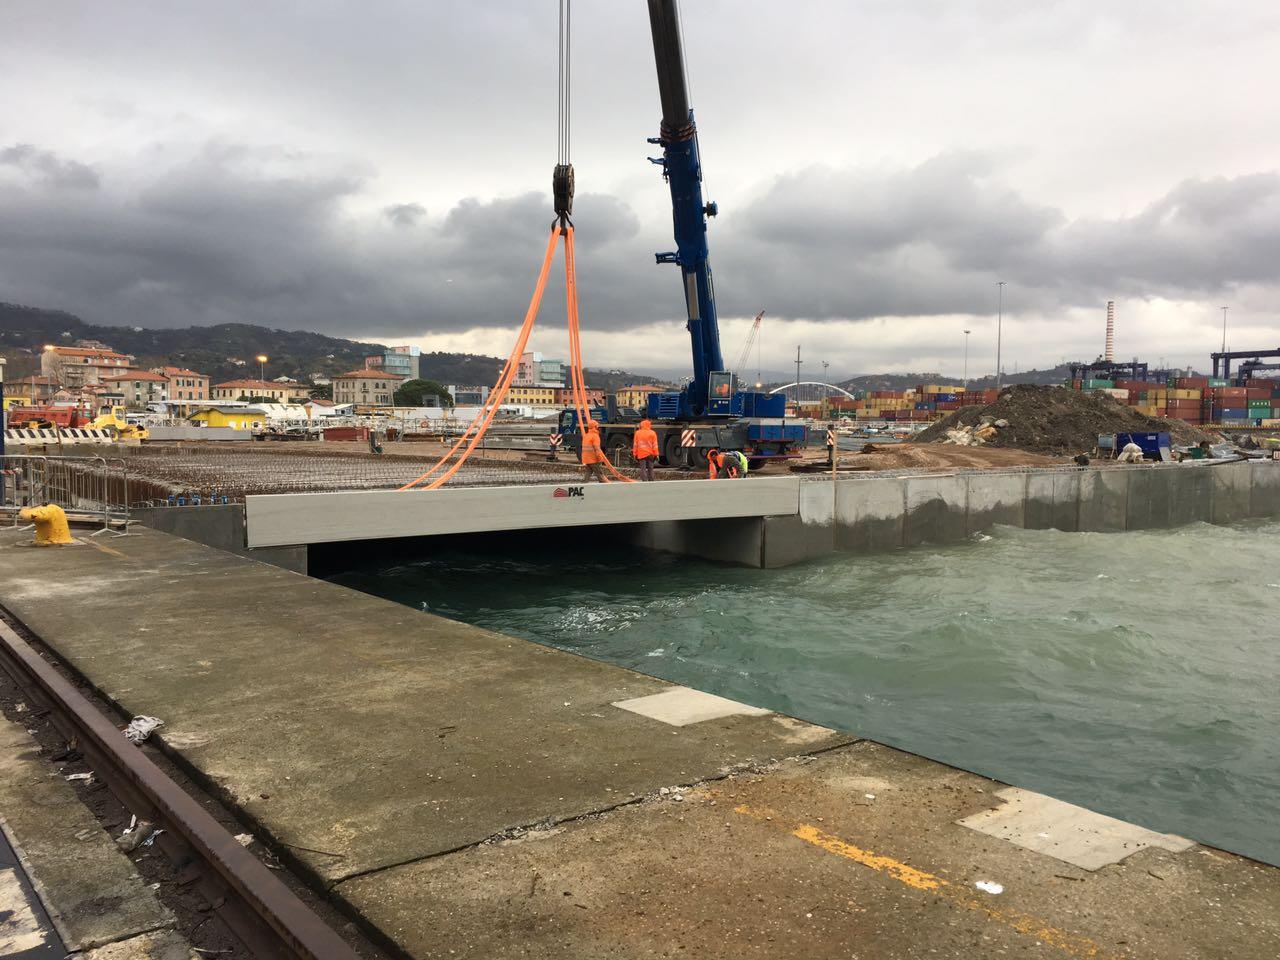 La Spezia - Copertura Marina del Canaletto 8